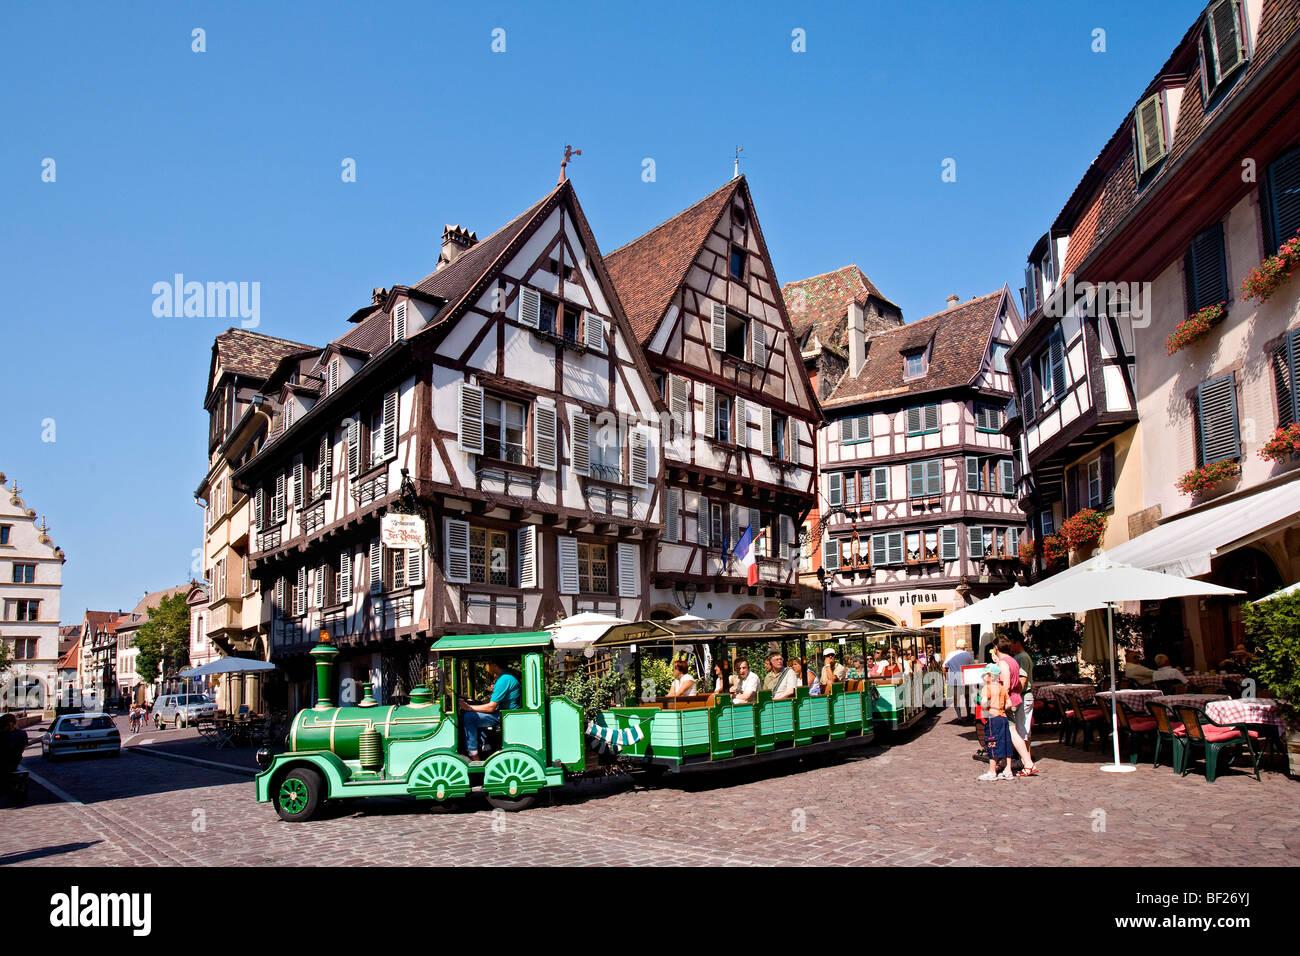 Rue des Marchands, Fachwerkhäuser in der Altstadt von Colmar, Colmar, Elsass, Frankreich Stockbild